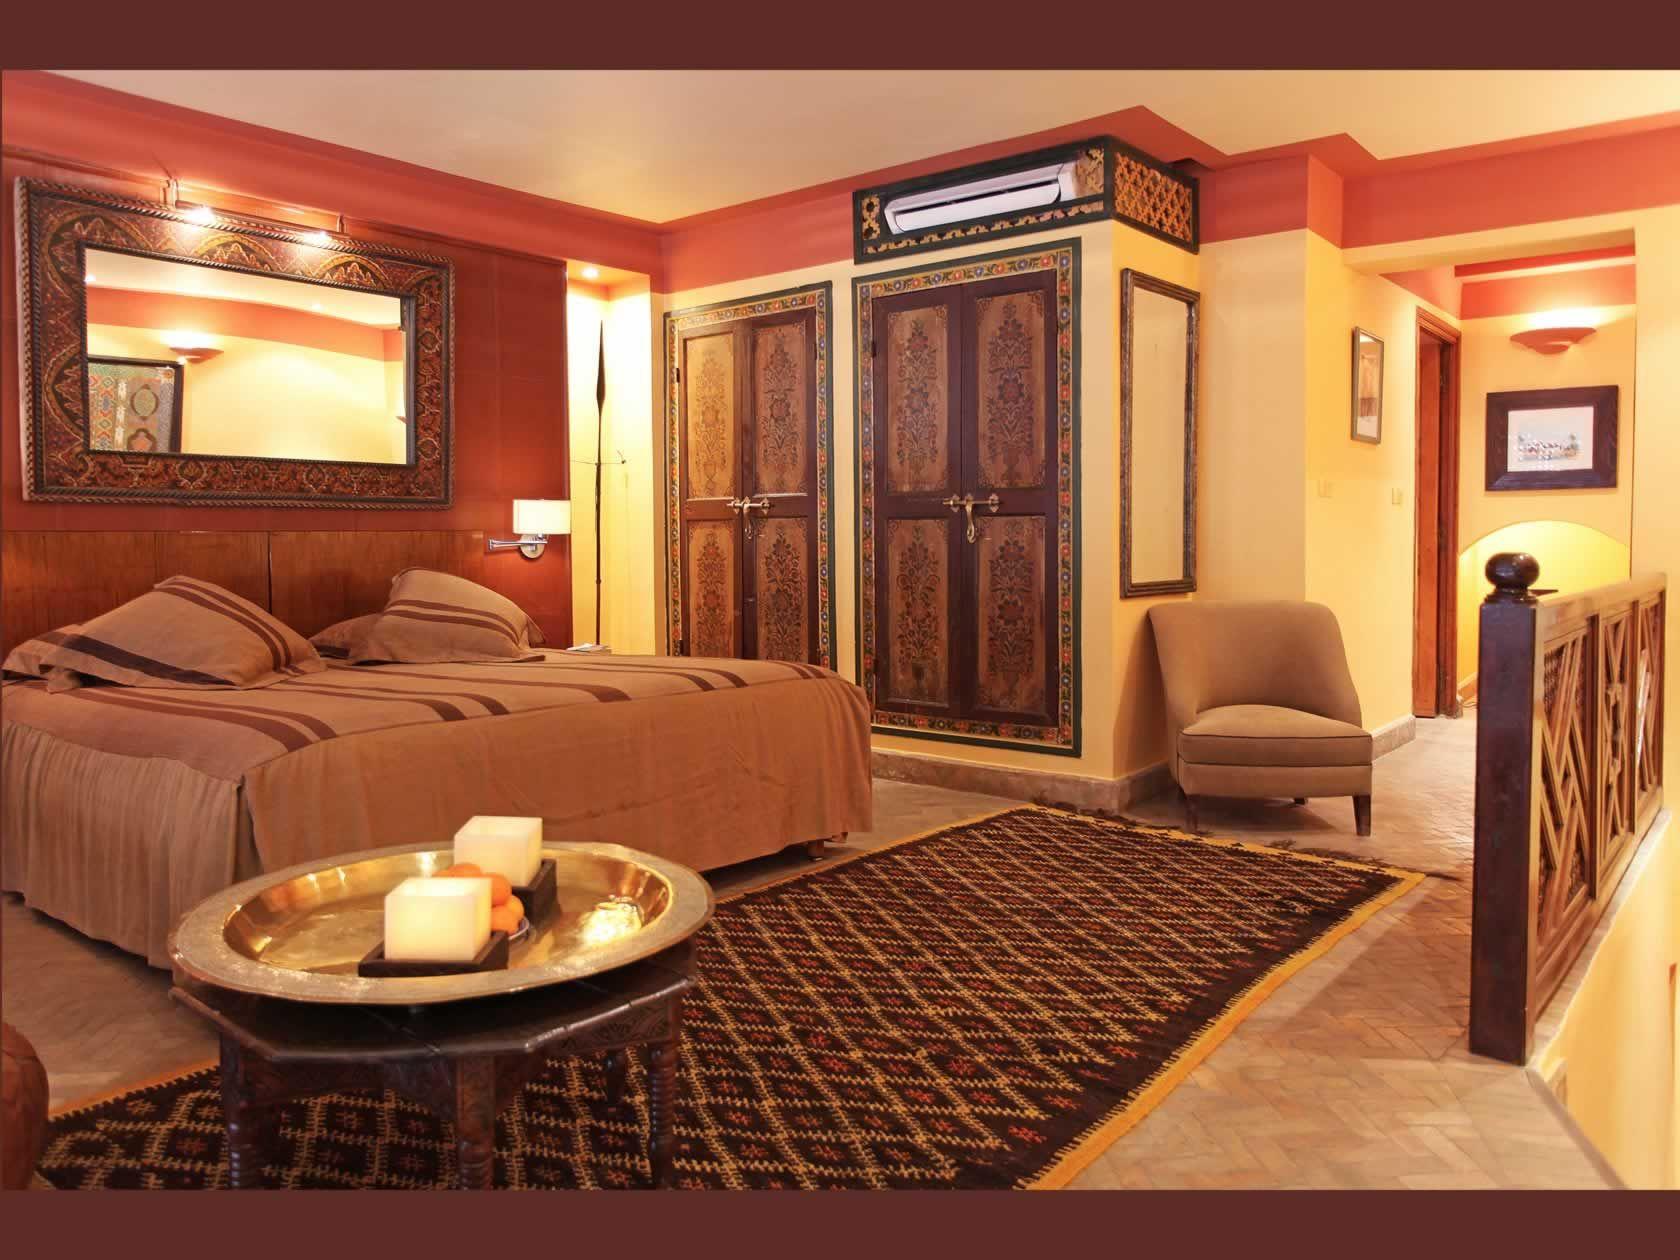 la masion arabe hotel in marrakech, morroco | morocco | pinterest